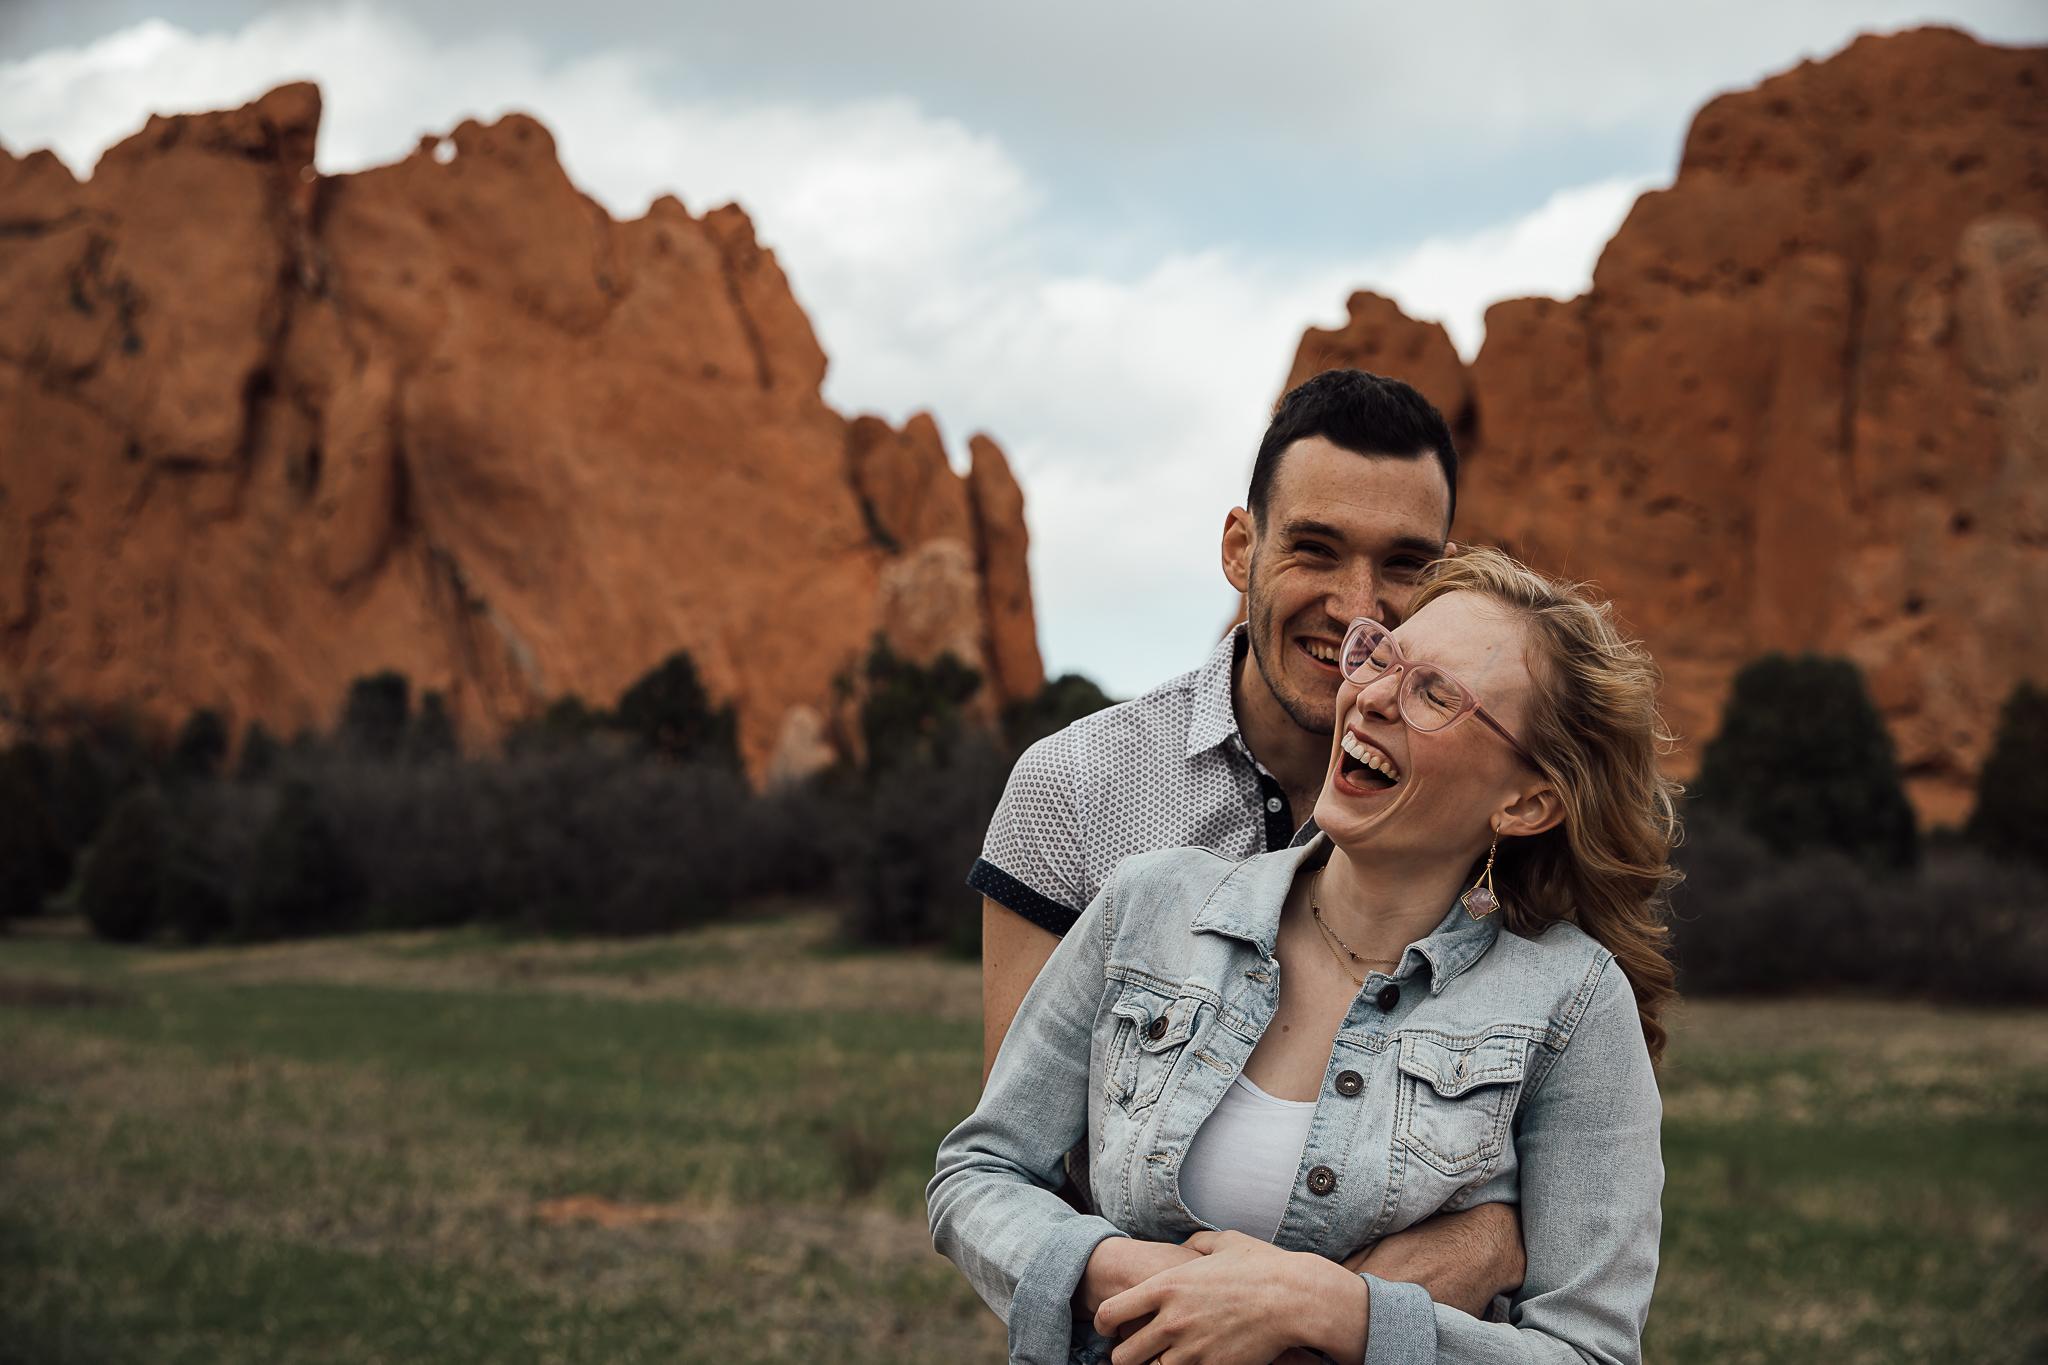 Elizabeth-and-Ryan-GardenoftheGods-Thewarmtharoundyou-5.jpg